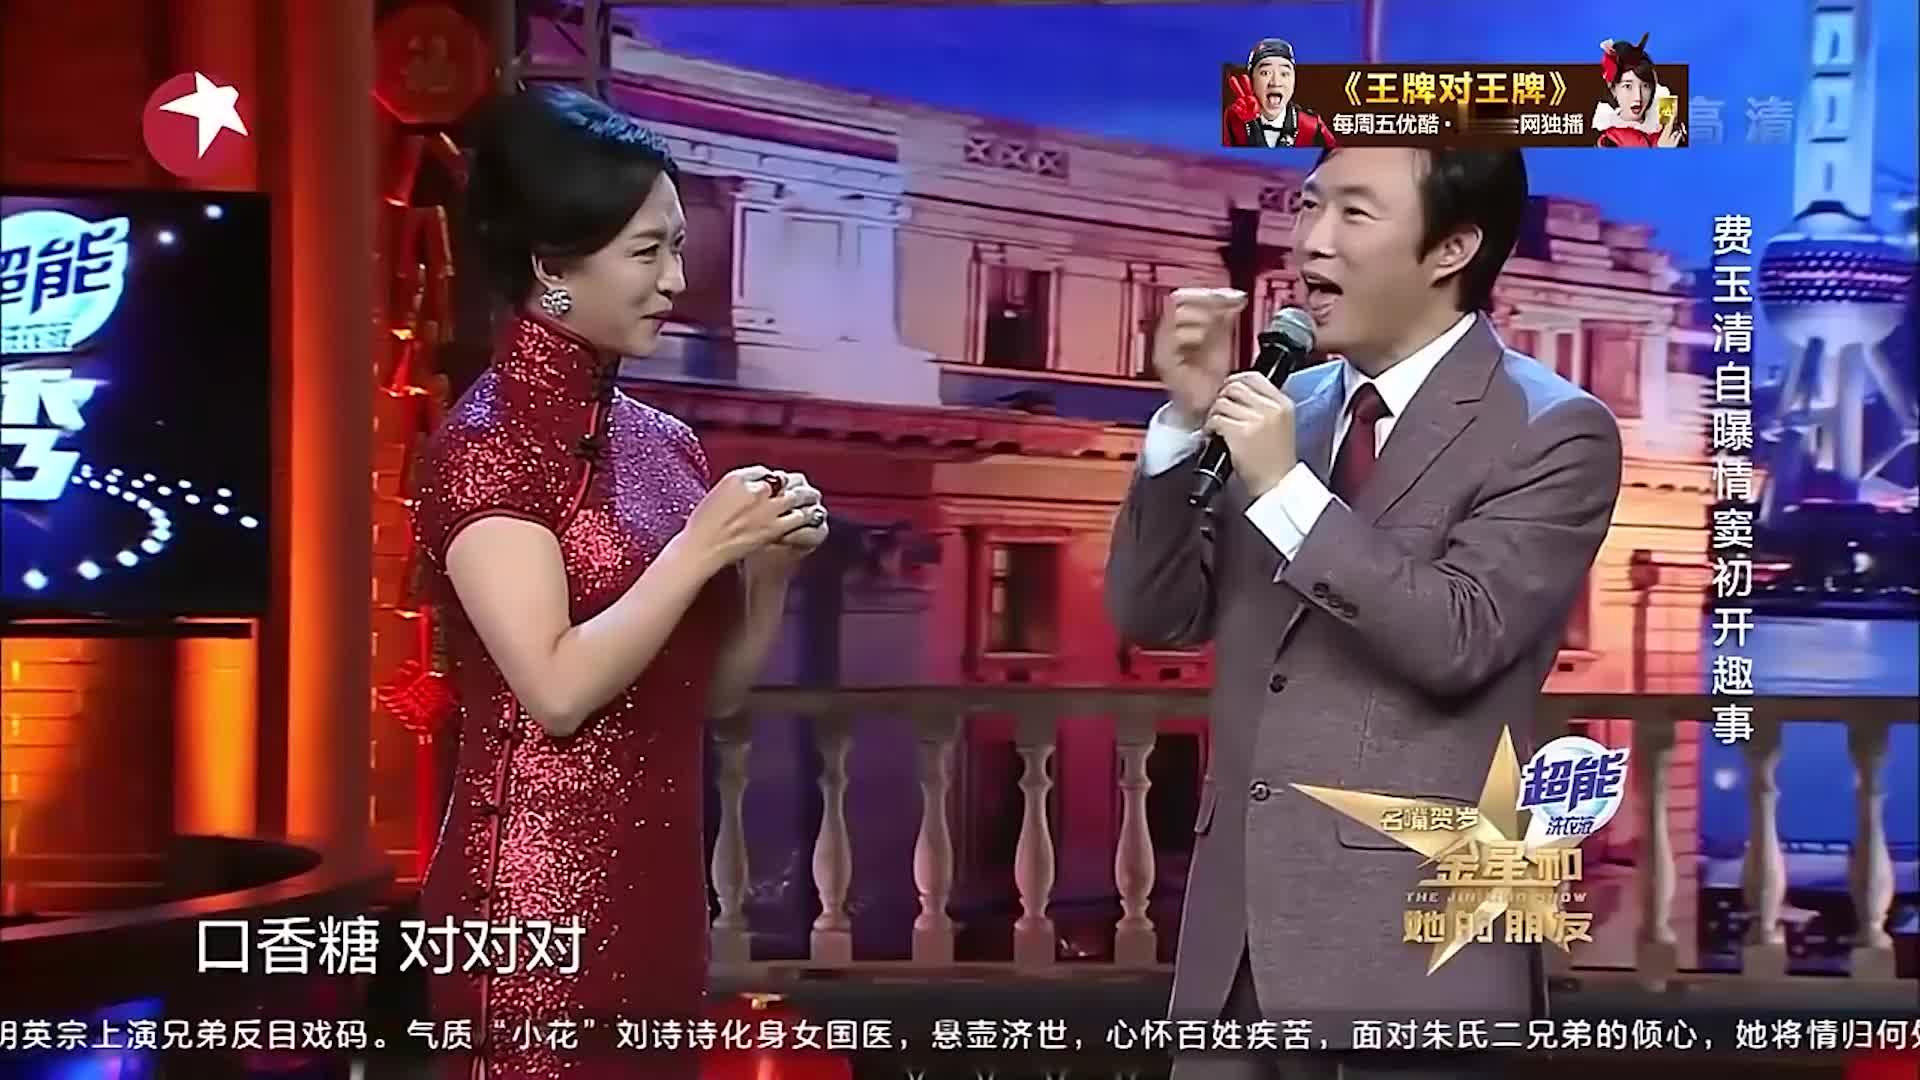 金星秀:台湾和大陆的观众有何不同?听听费玉清怎么说!